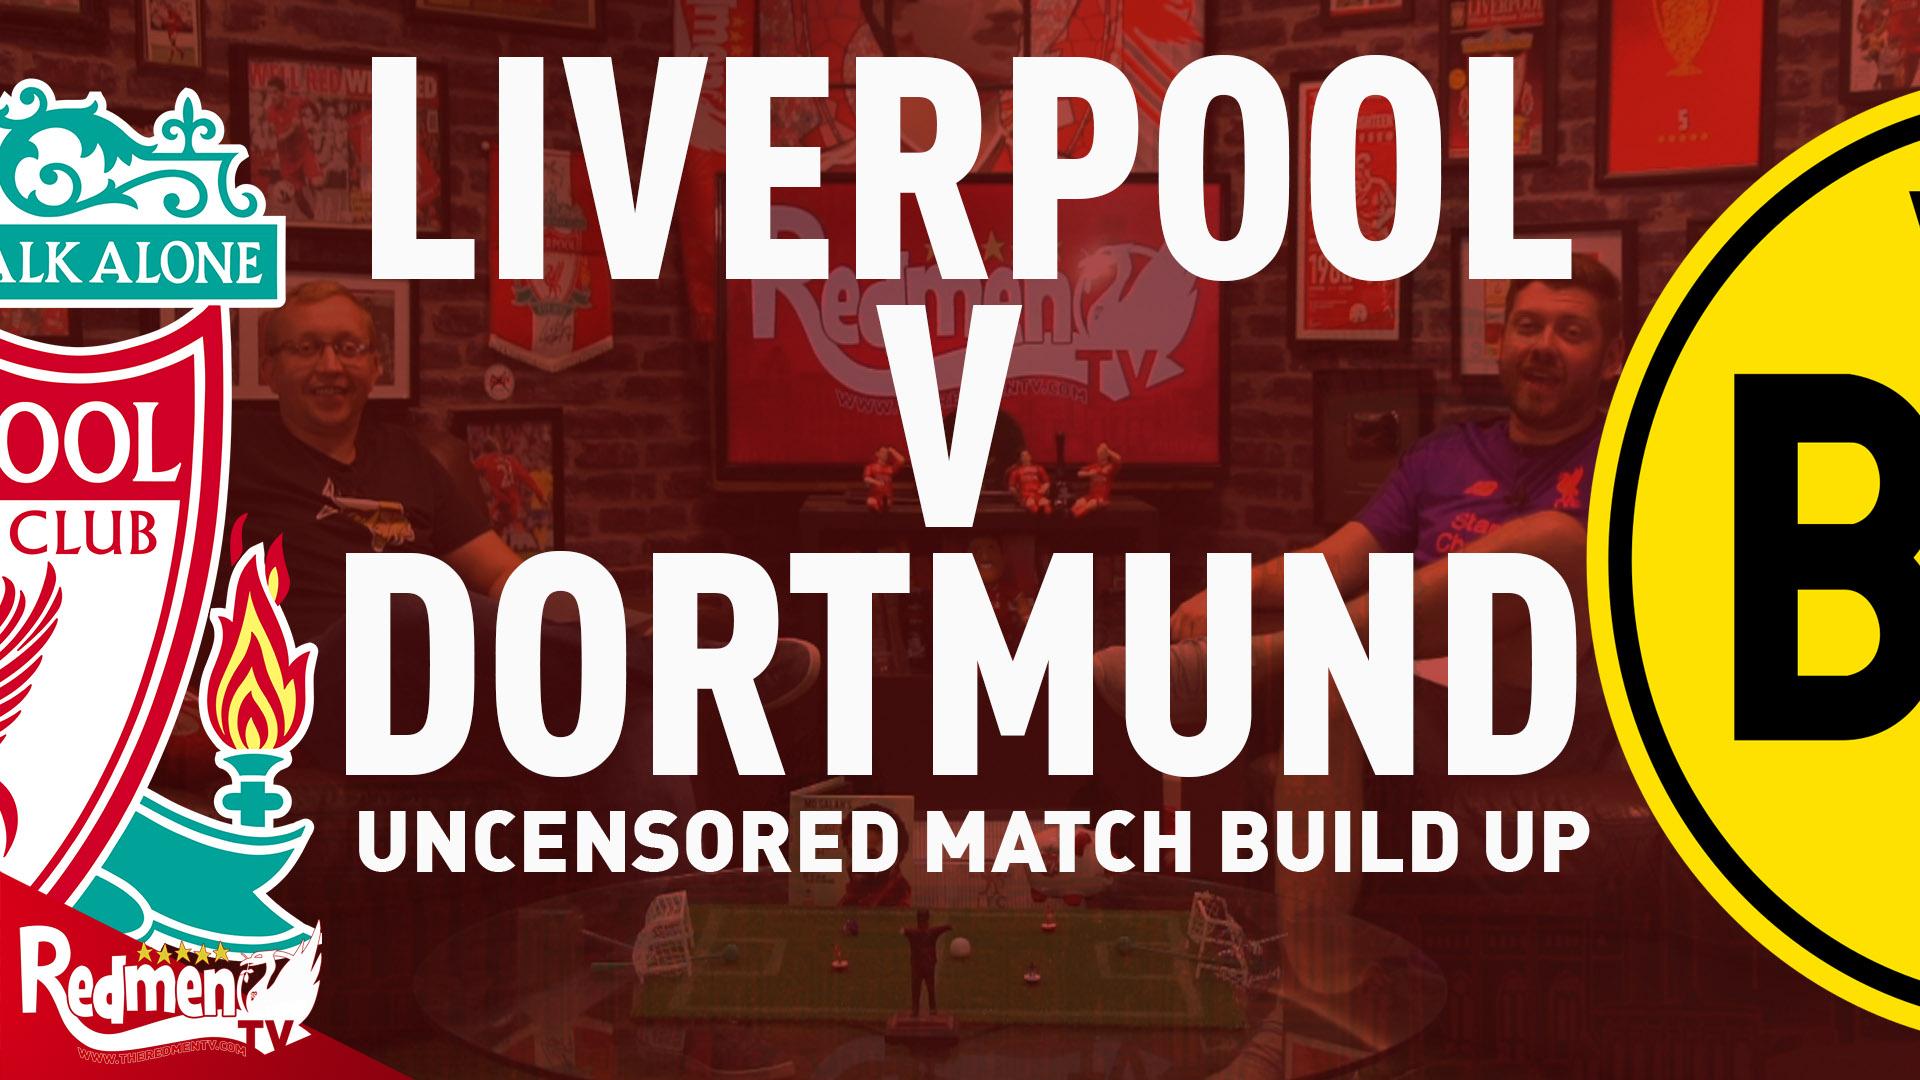 Liverpool v Dortmund | Uncensored Match Build Up